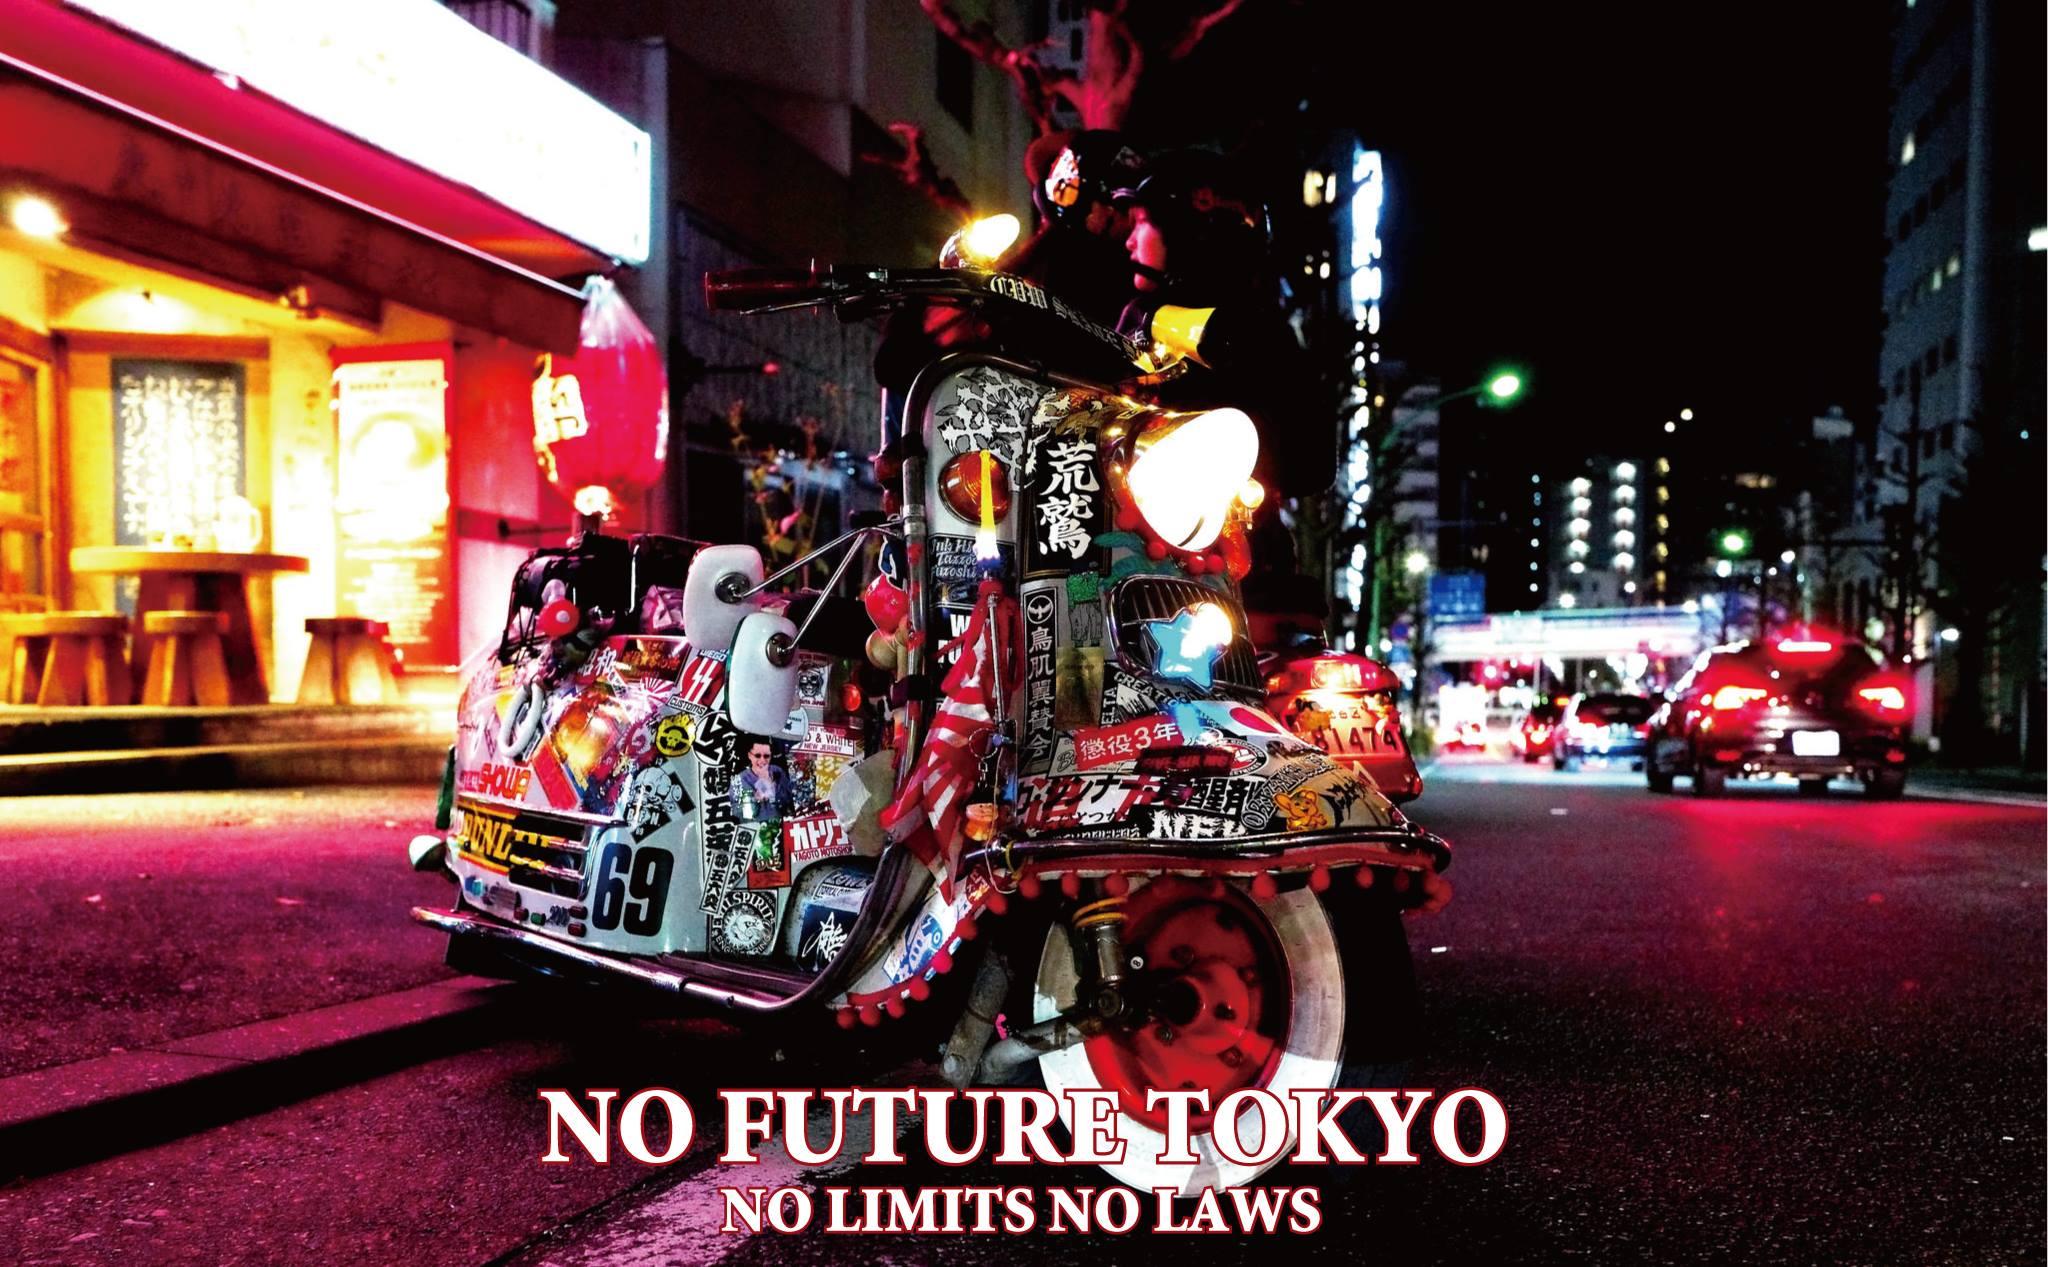 - NO FUTURE TOKYO -